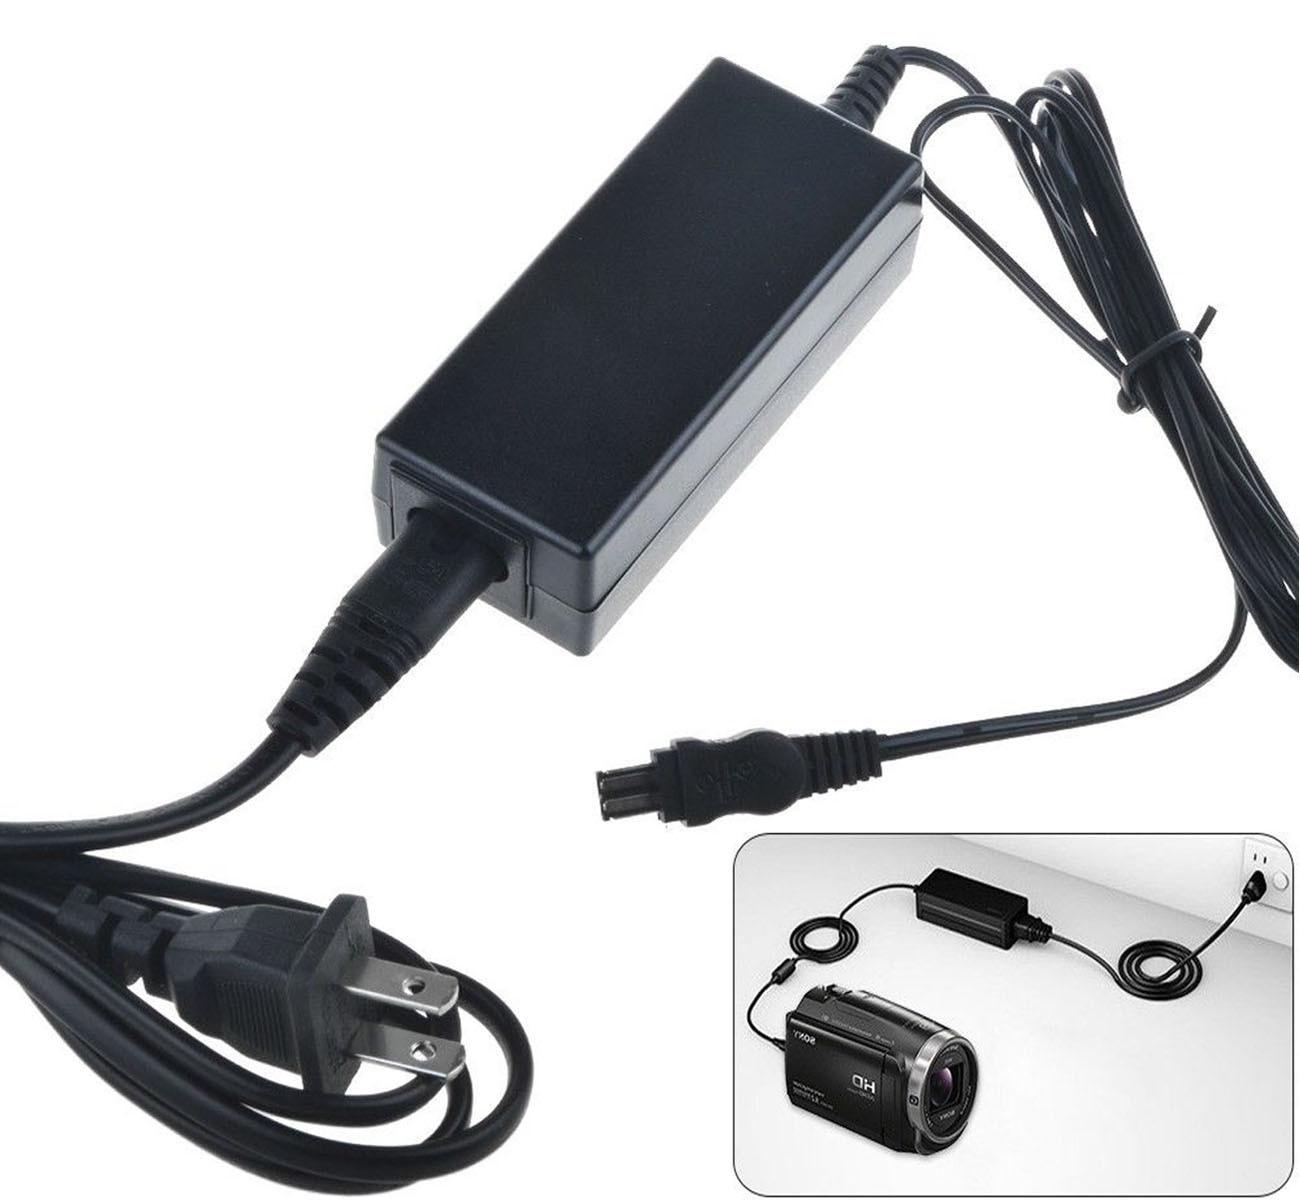 DCR-TRV15 MiniDV Handycam Camcorder DCR-TRV12 DCR-TRV14 AC Power Adapter Charger for Sony DCR-TRV11